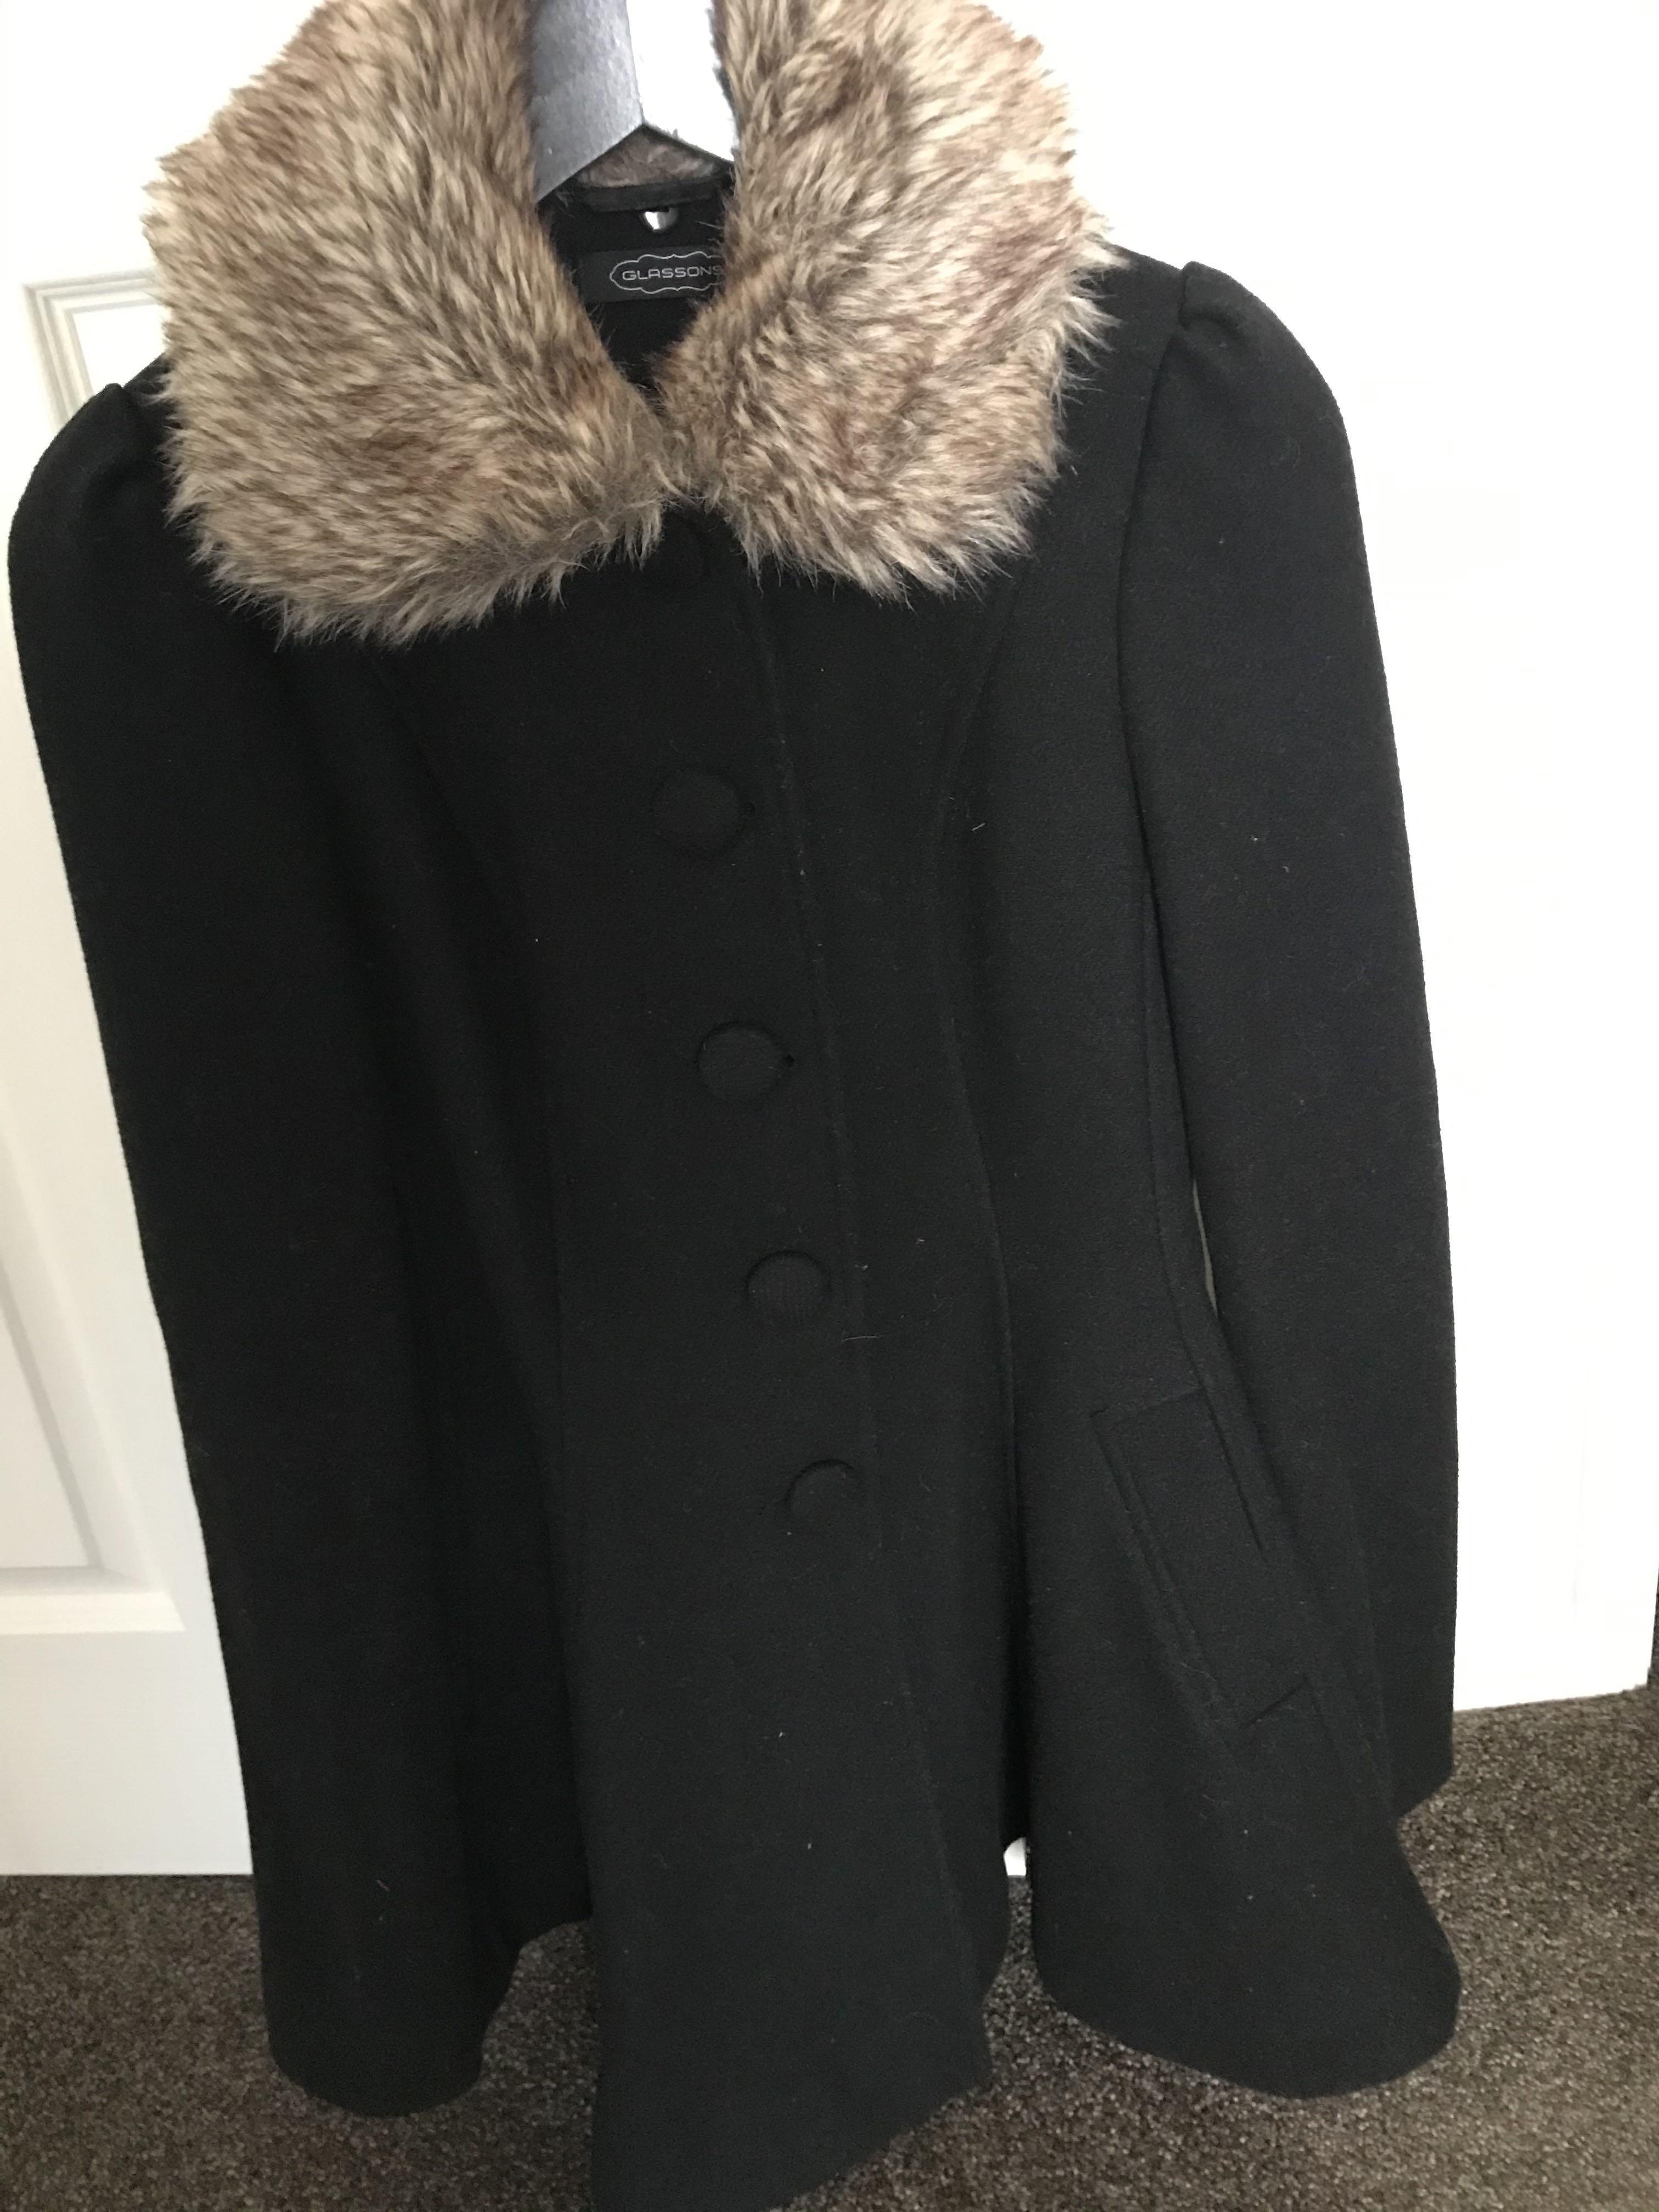 Dress coat size 10 Glassons